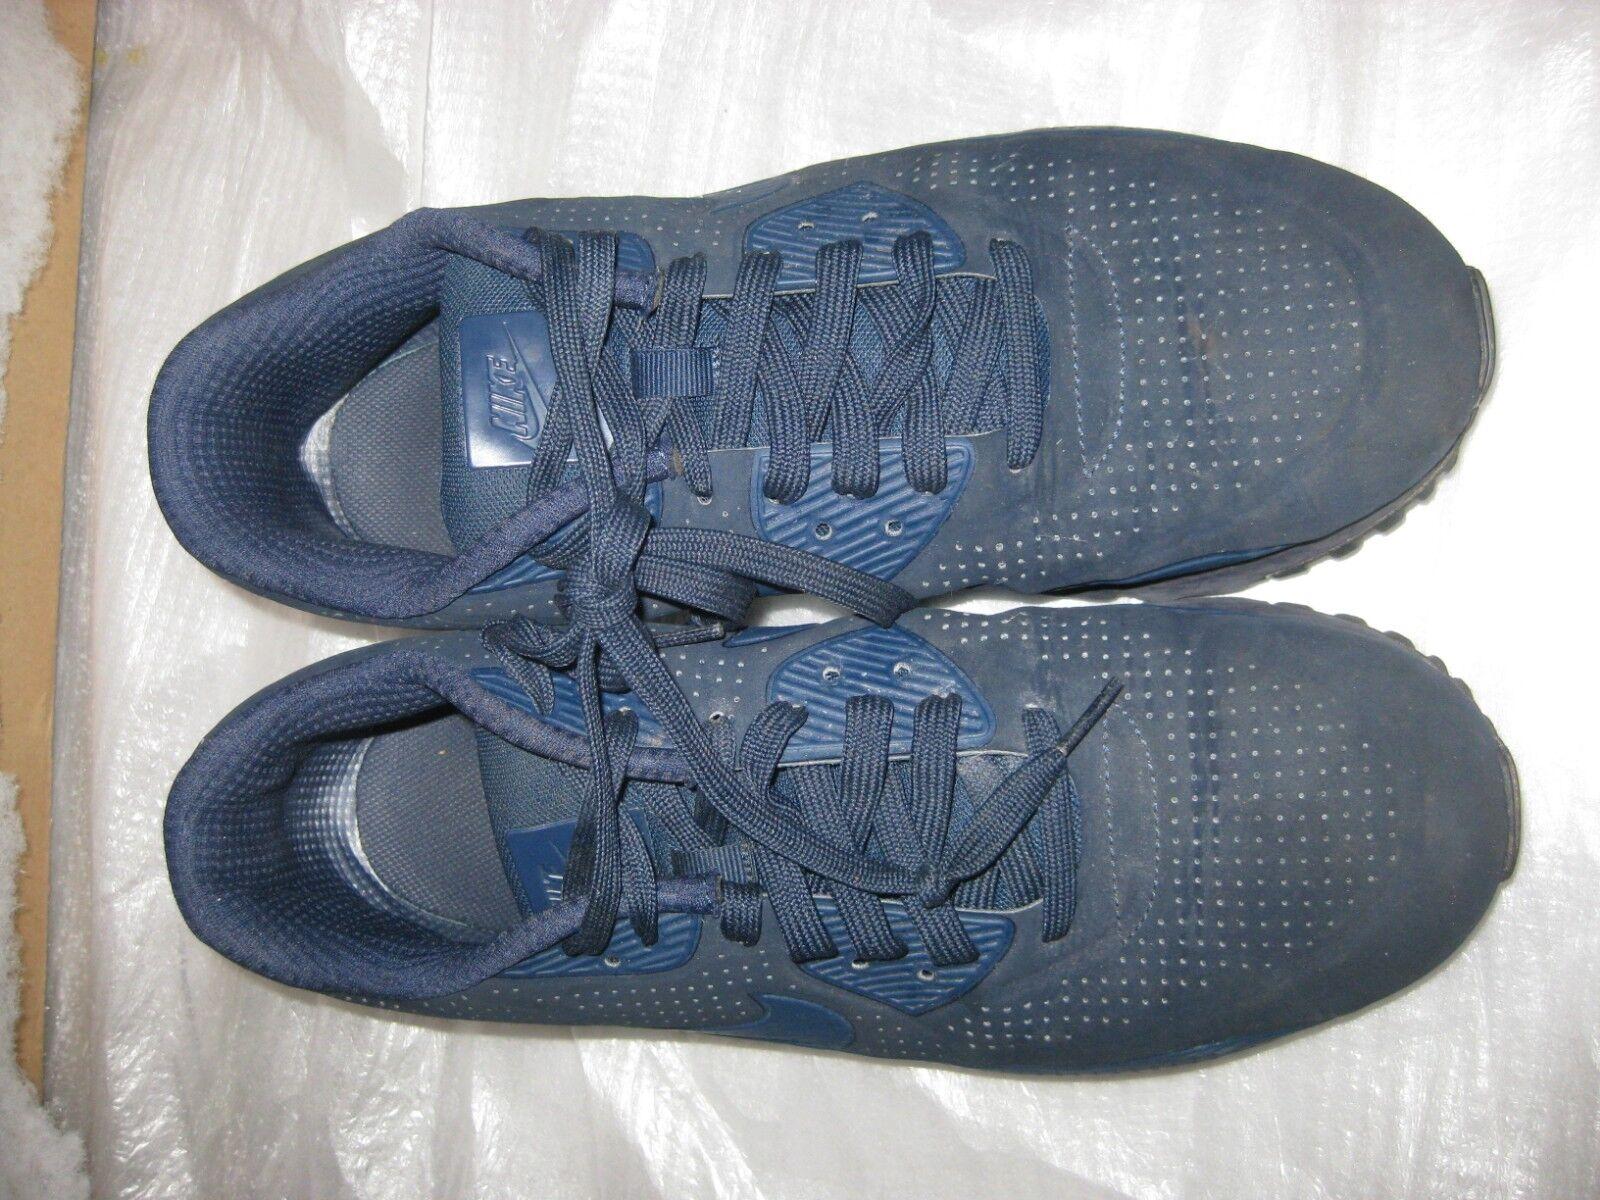 Nike air max ultra 90 ultra max moire 819477 400 männer ist groß. 677842